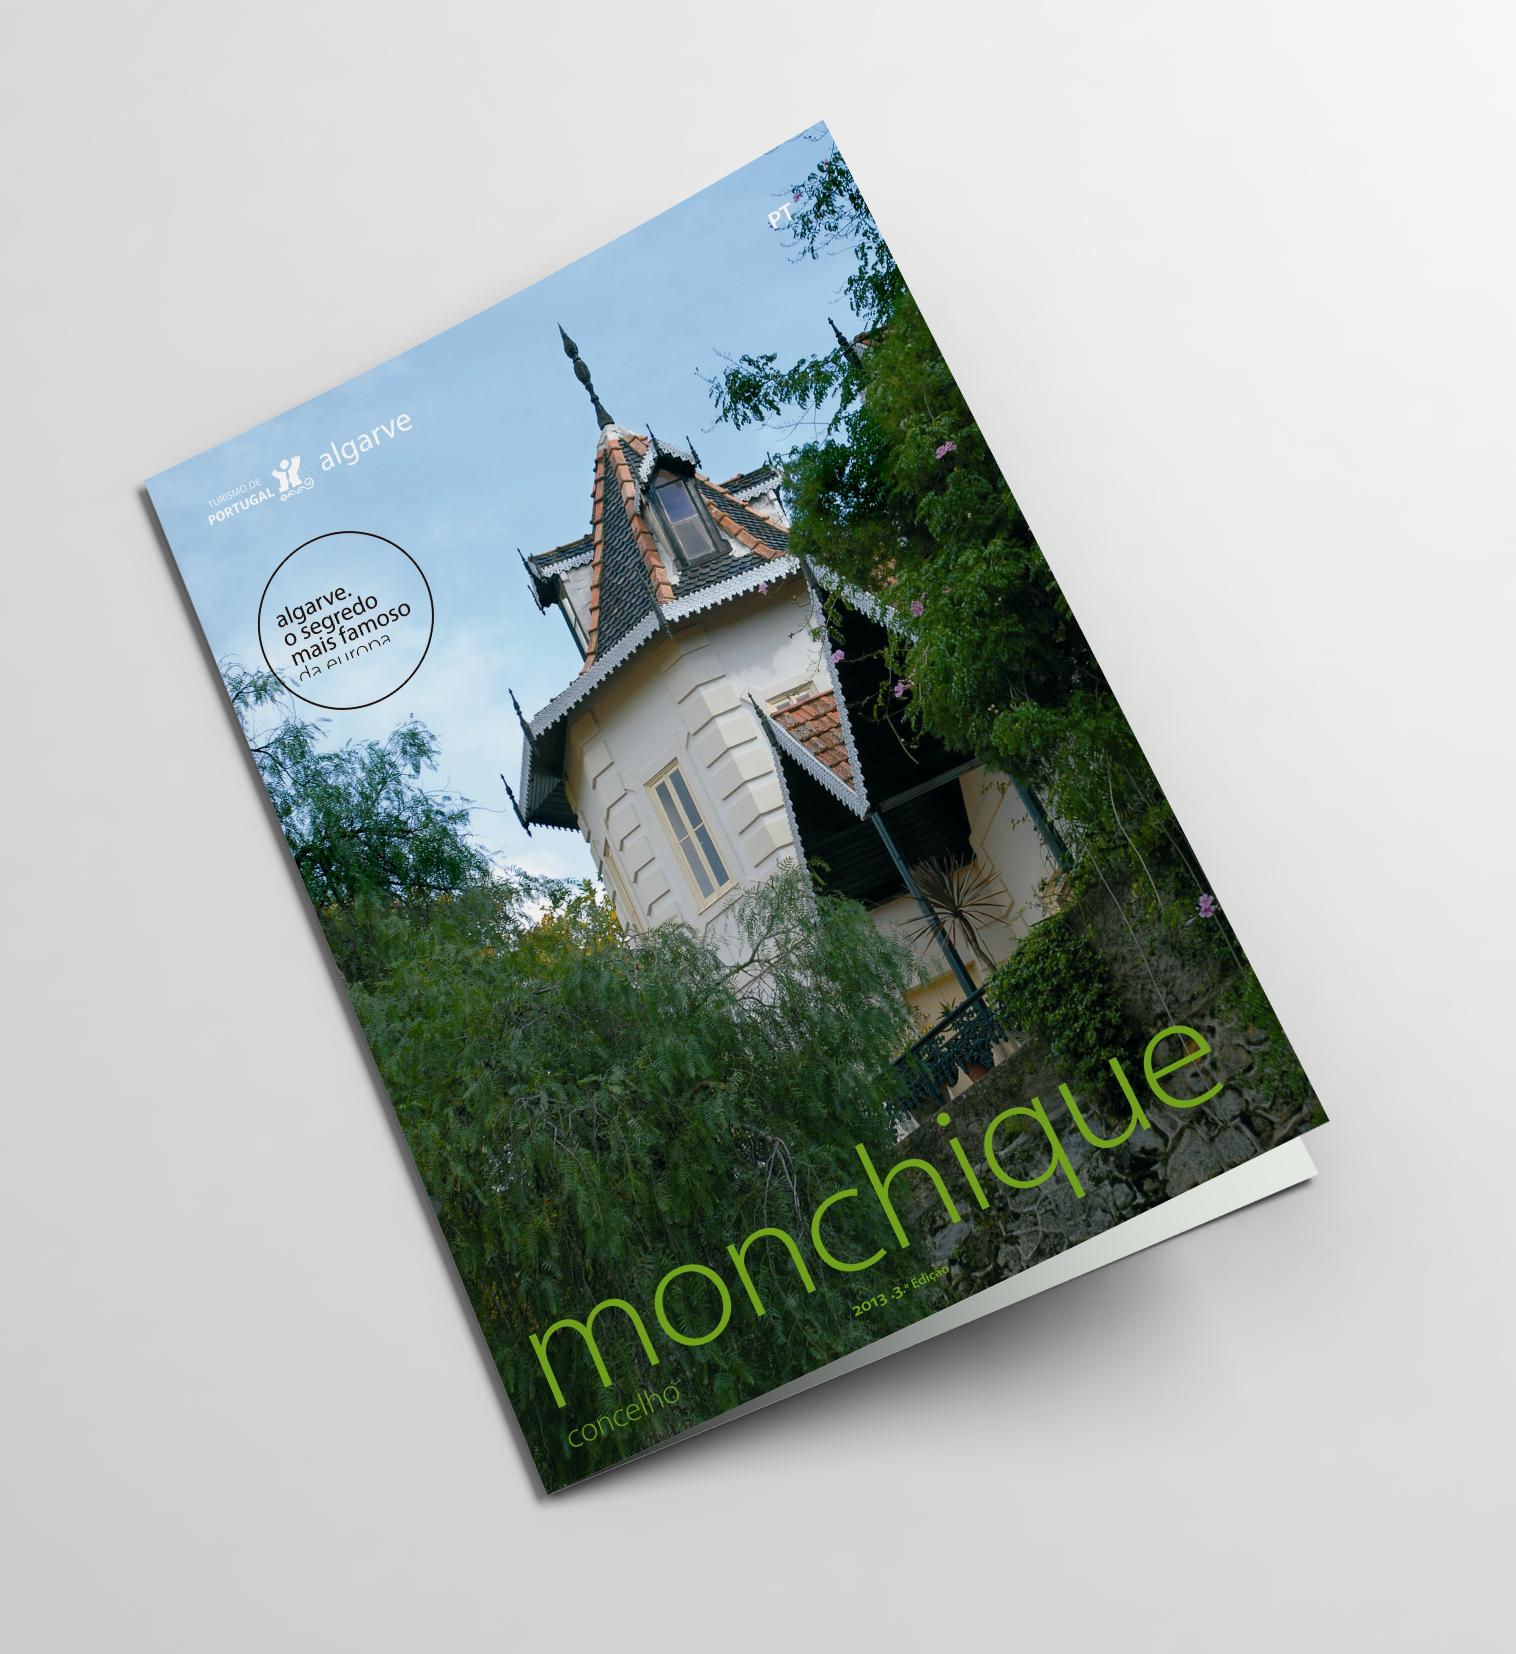 Folheto Concelhio de Monchique